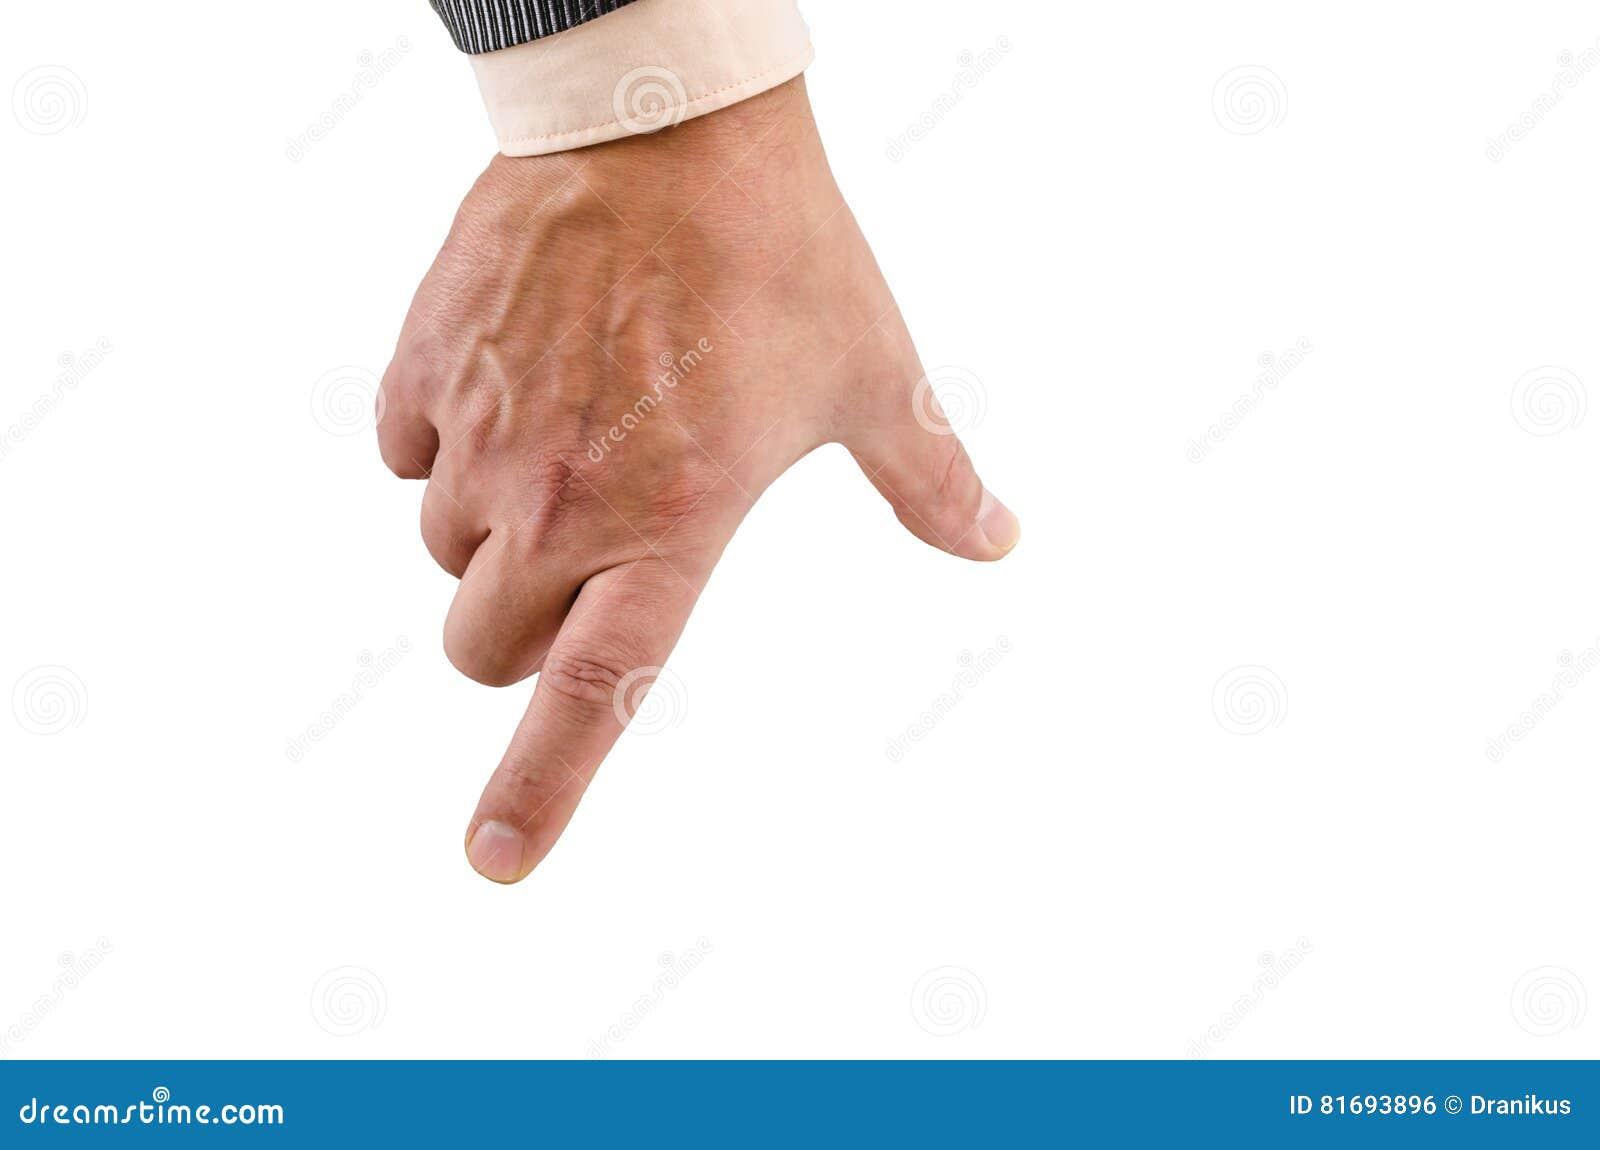 Ręka, nadgarstek, palce, kciuk, phalange, odizolowywający, tło, gwóźdź, emocje